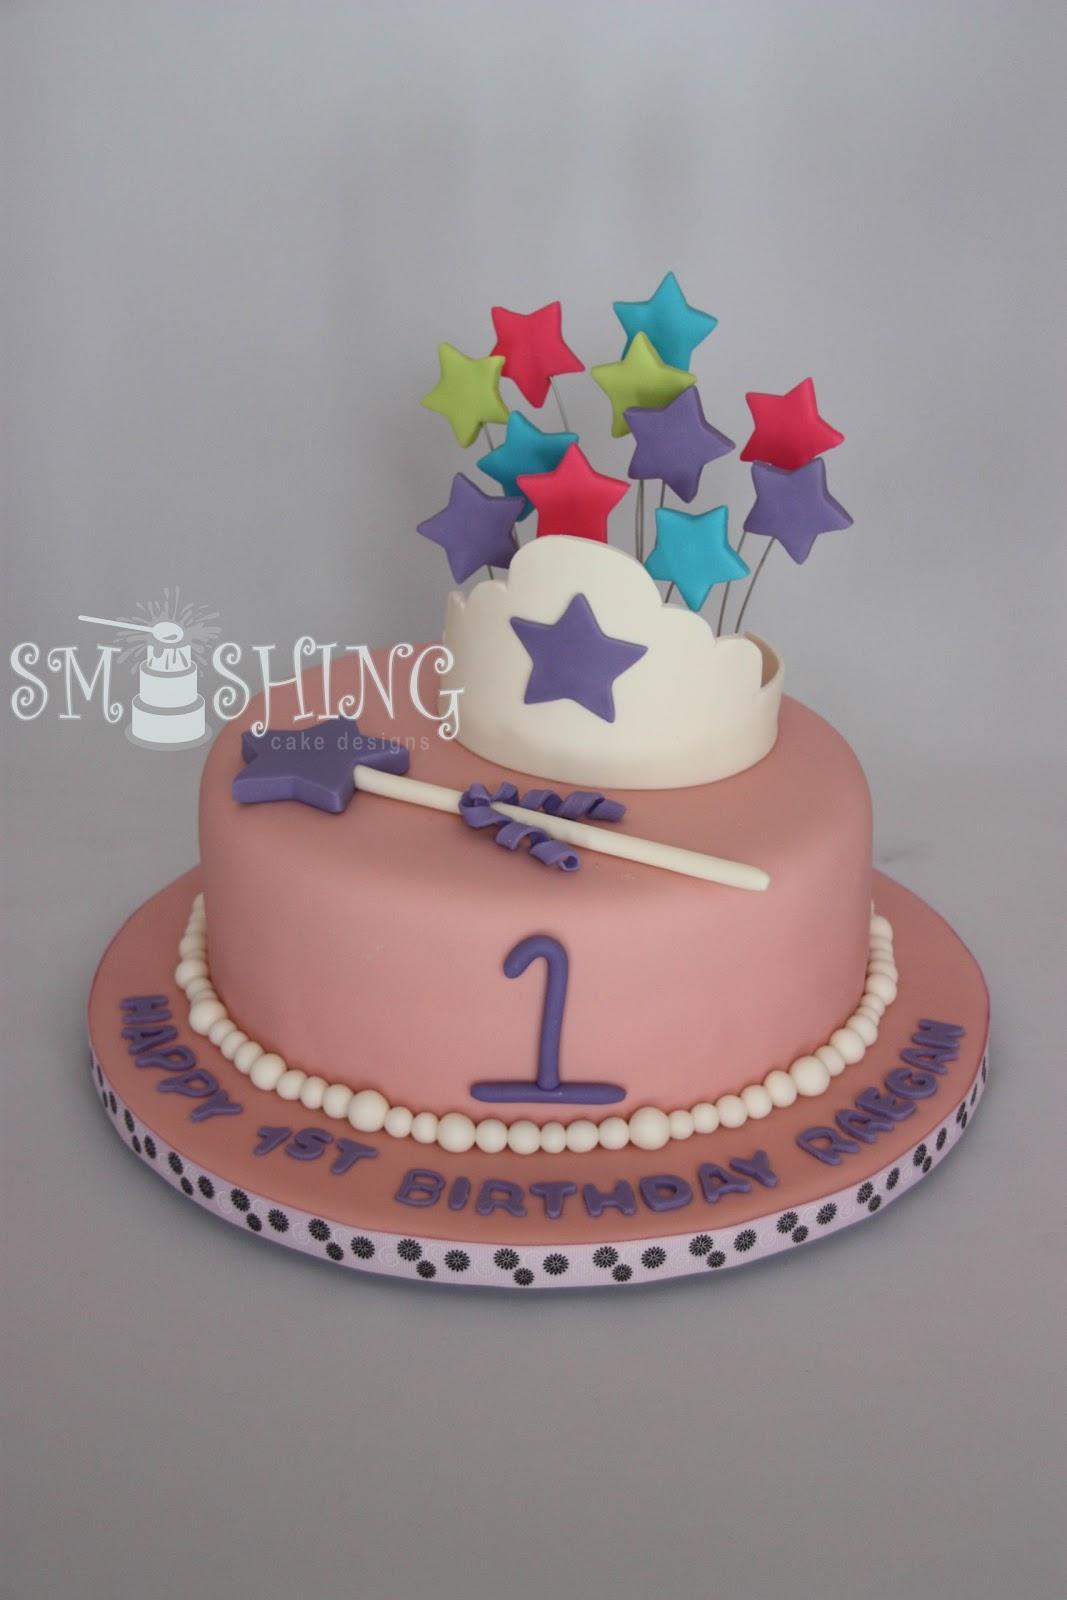 Smashing Cake Designs 1st Birthday Cake